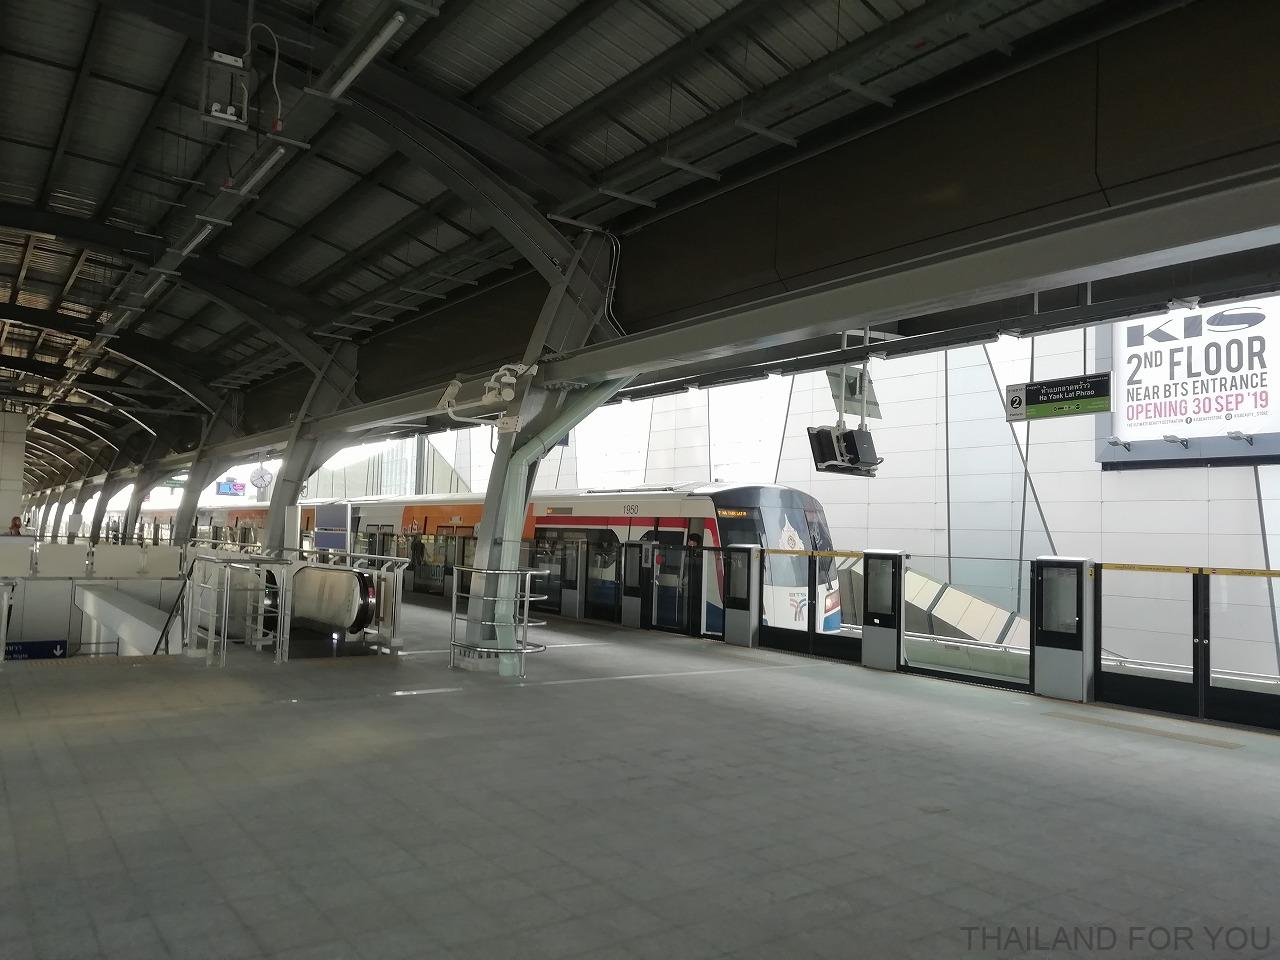 ハーイェーク・ラップラオ駅 BTS 延伸